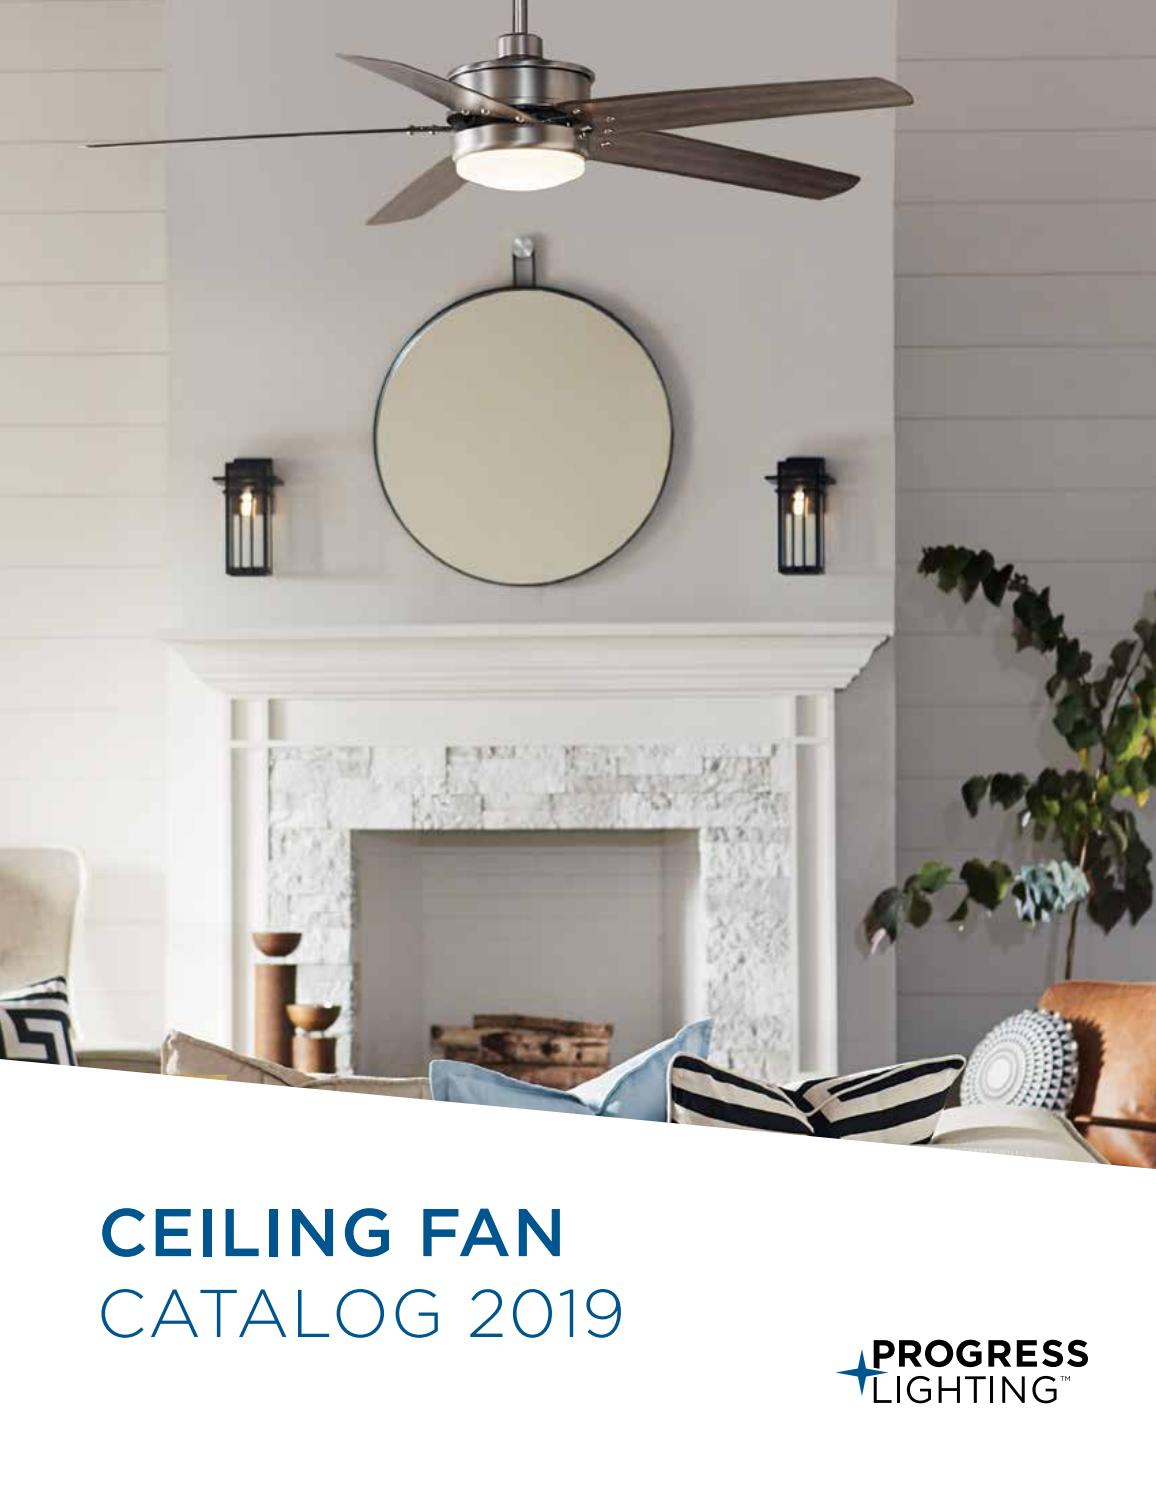 progress lighting 2019 ceiling fan